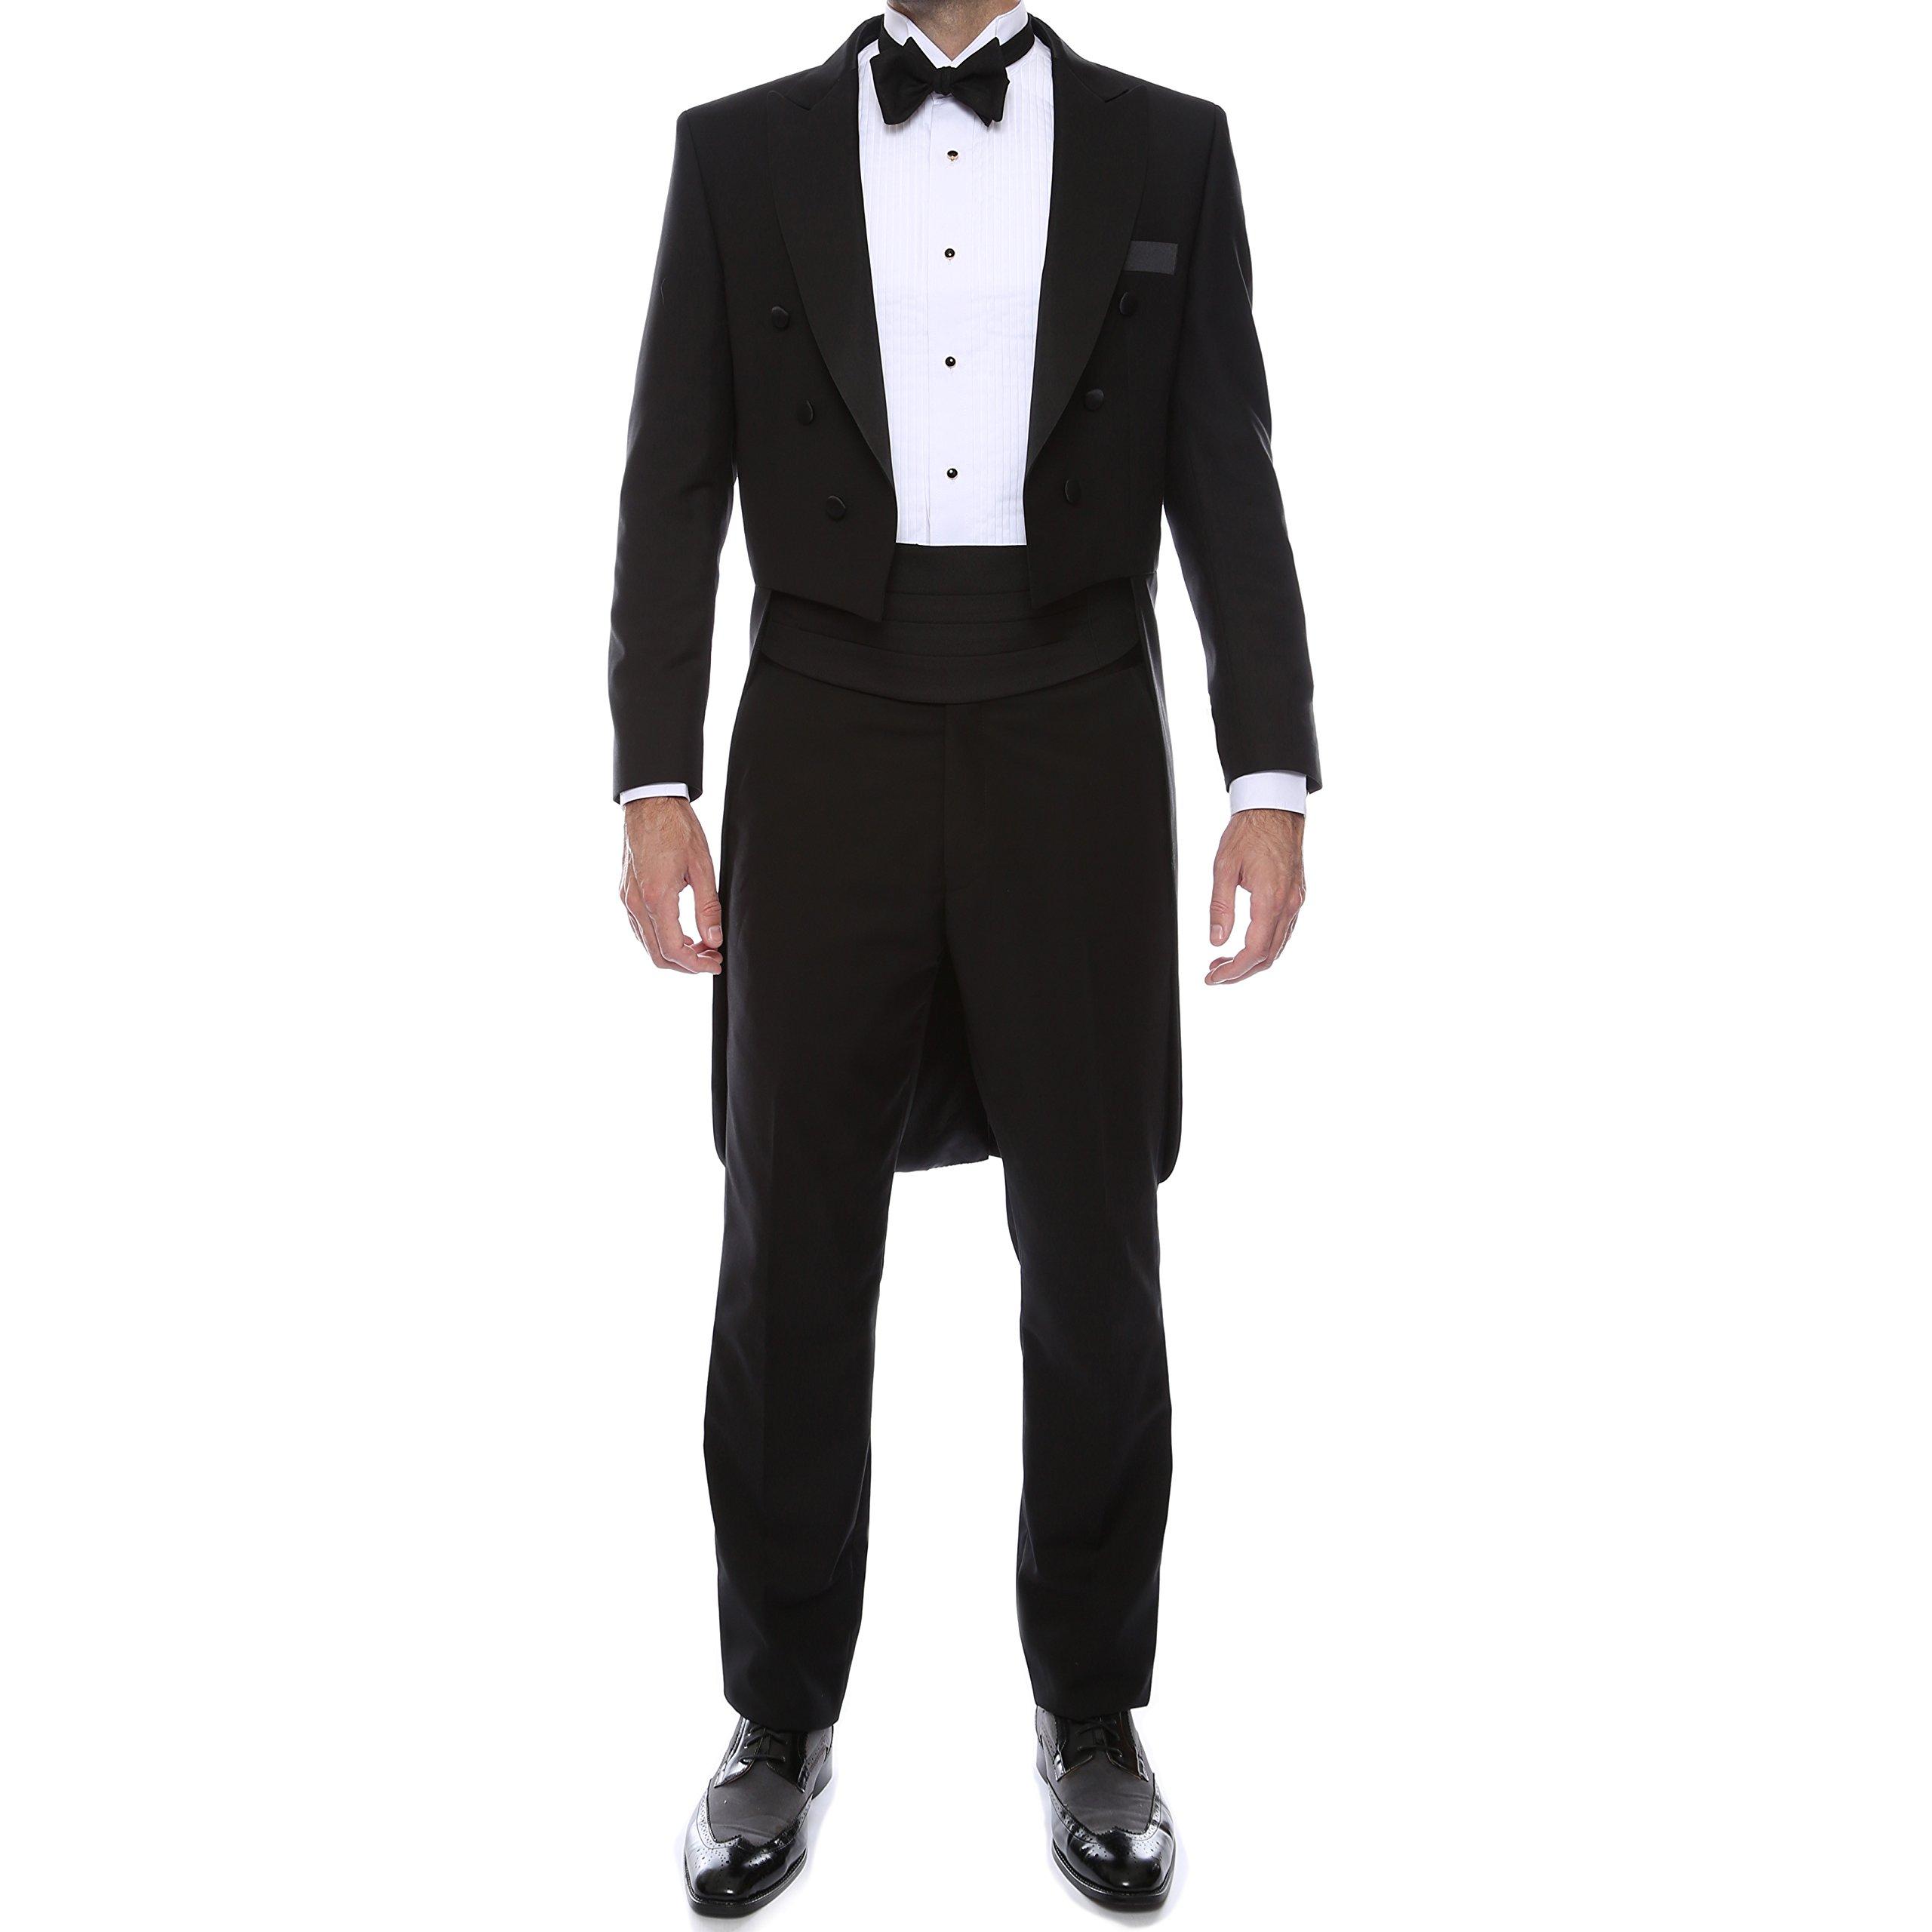 44R Ferrecci Black 2pc Regular Fit Tail Tuxedo by Ferrecci